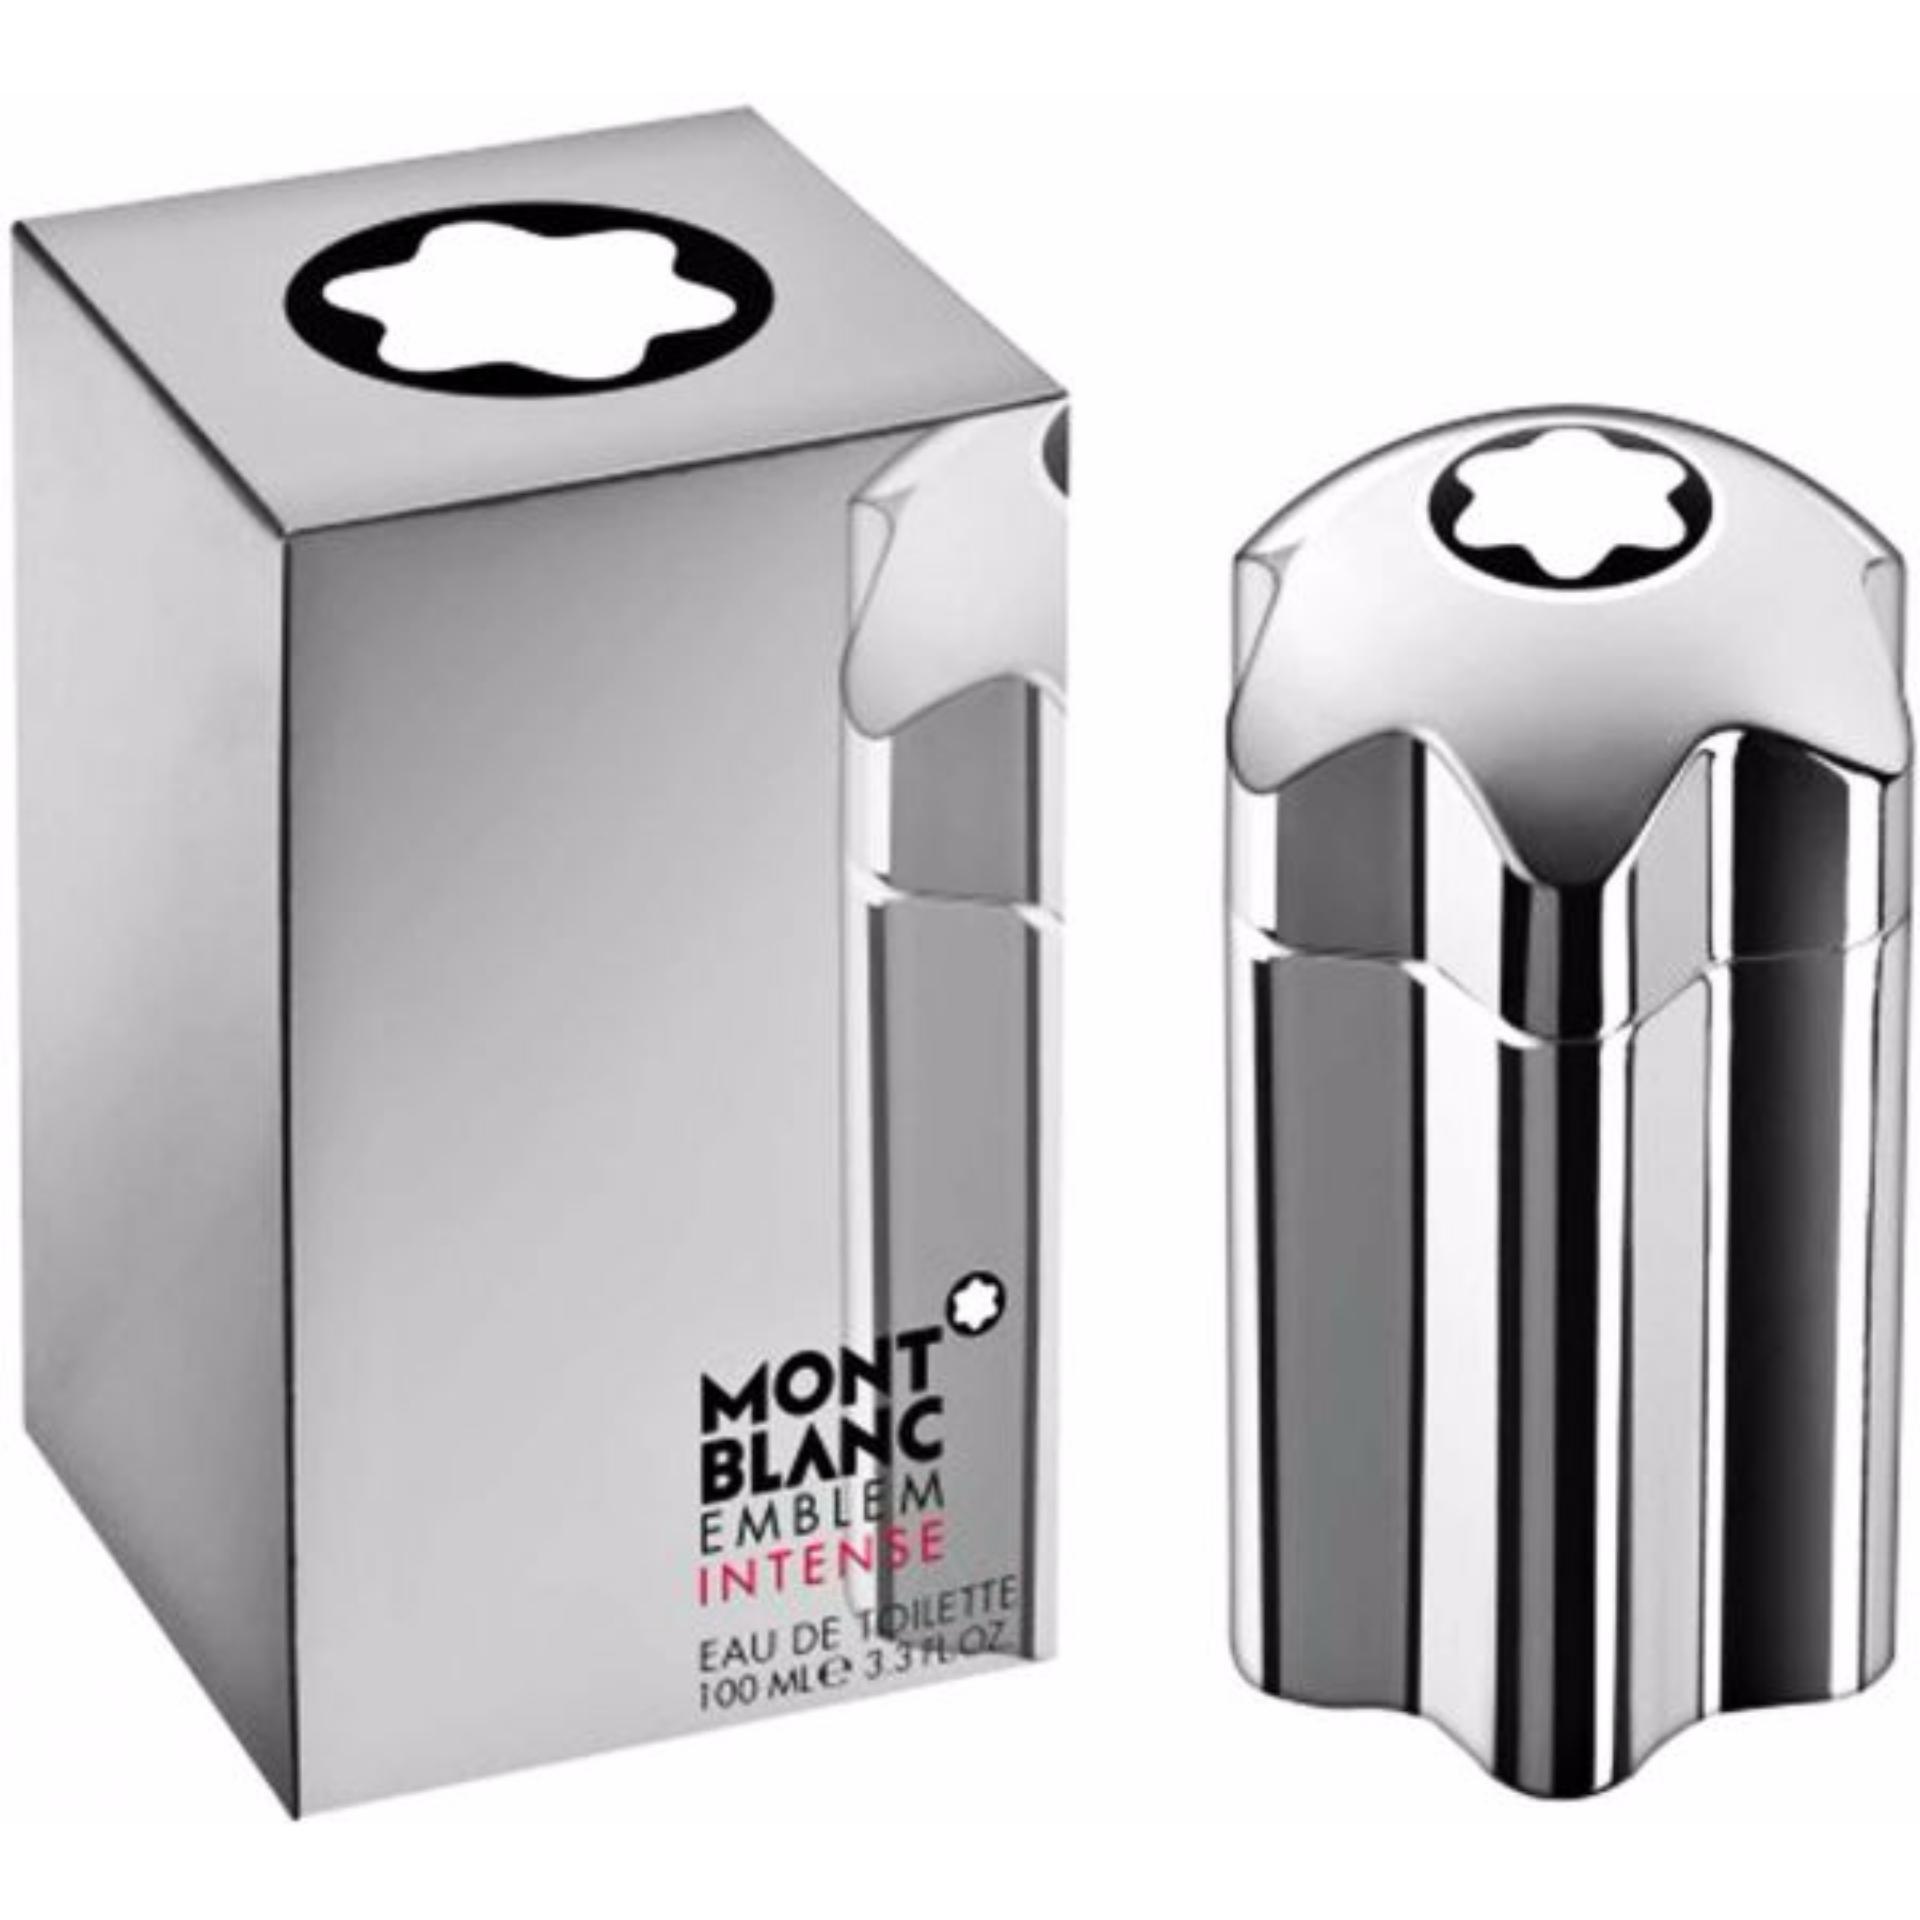 Mont Blanc Emblem Intense Eau De Toilette 100ml